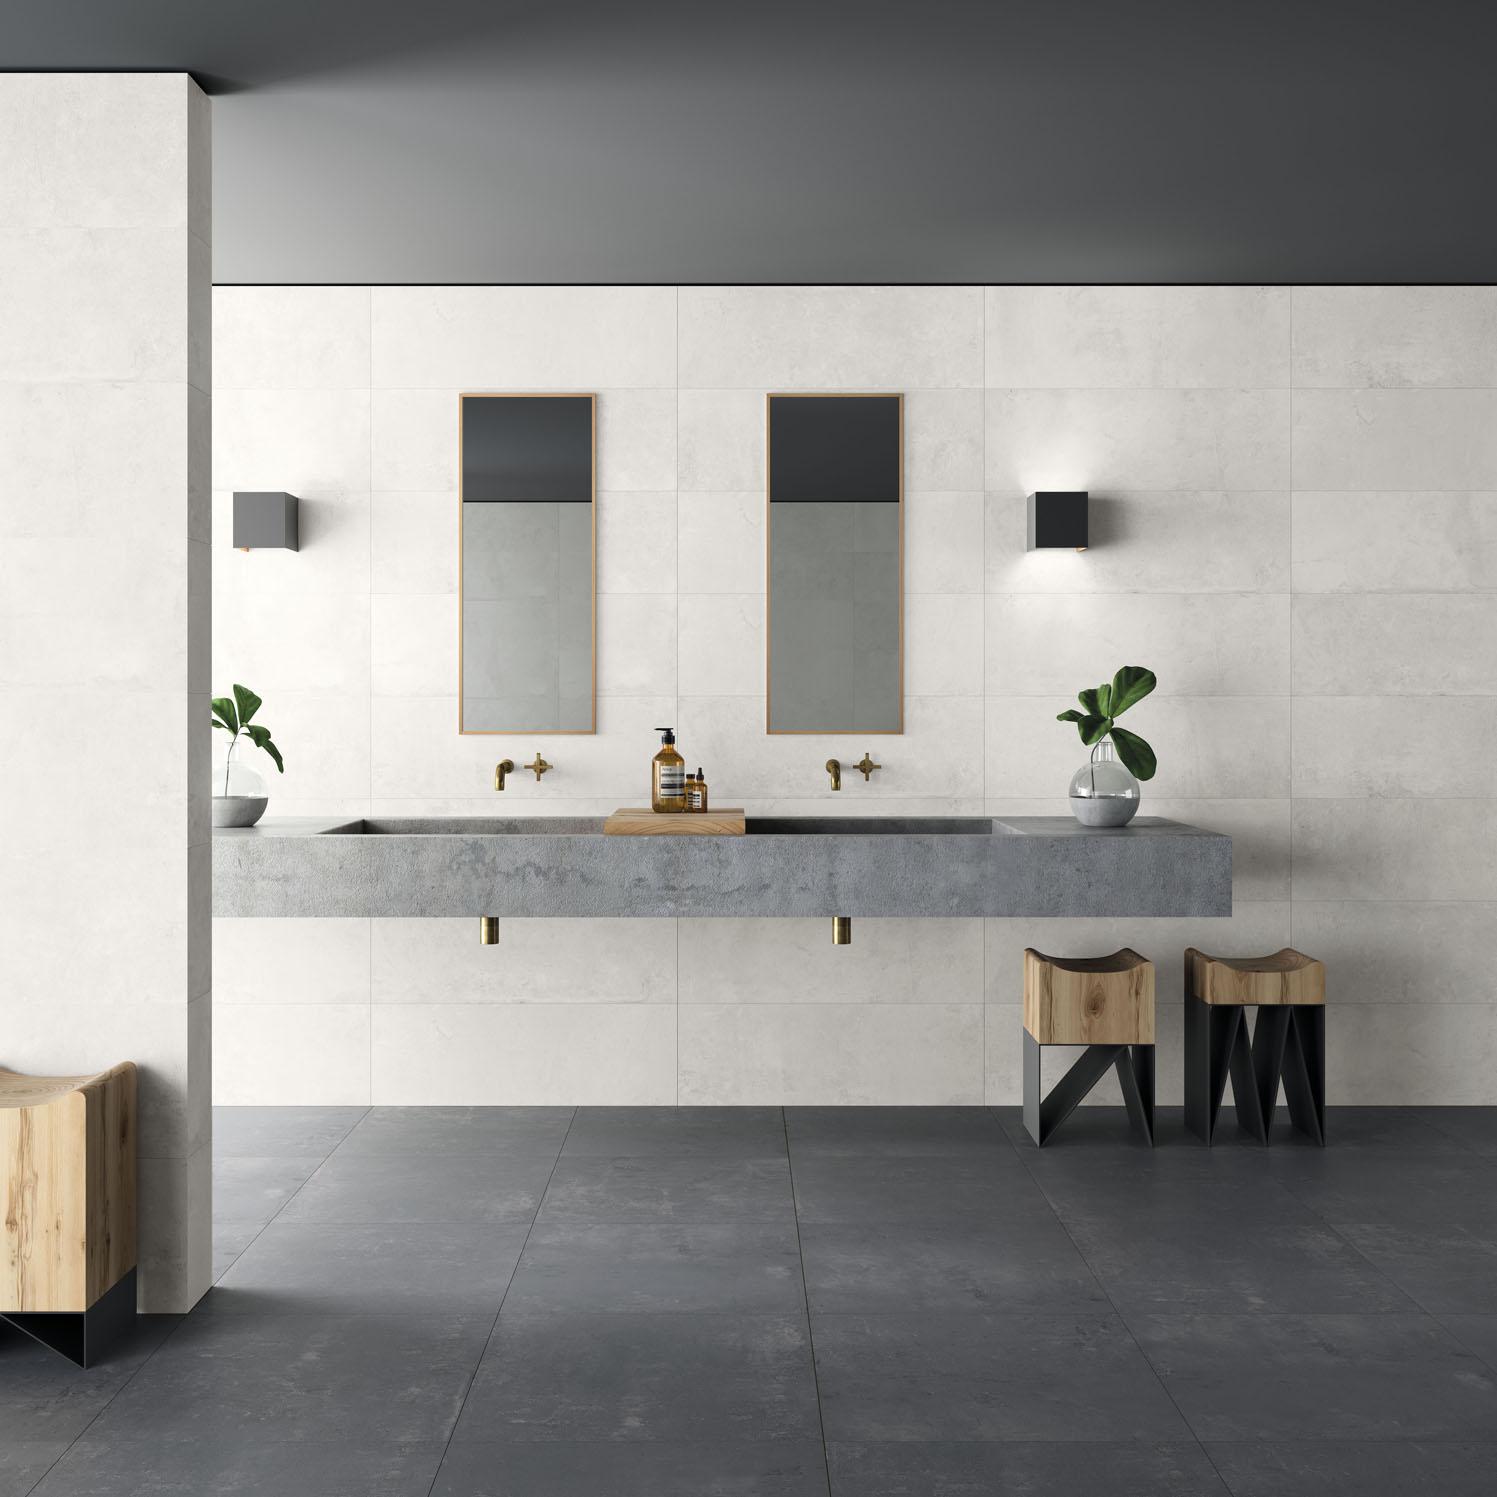 series Supermoderní koupelna imitace betonové stěrky Aleluia Ceramicas Série Plaster